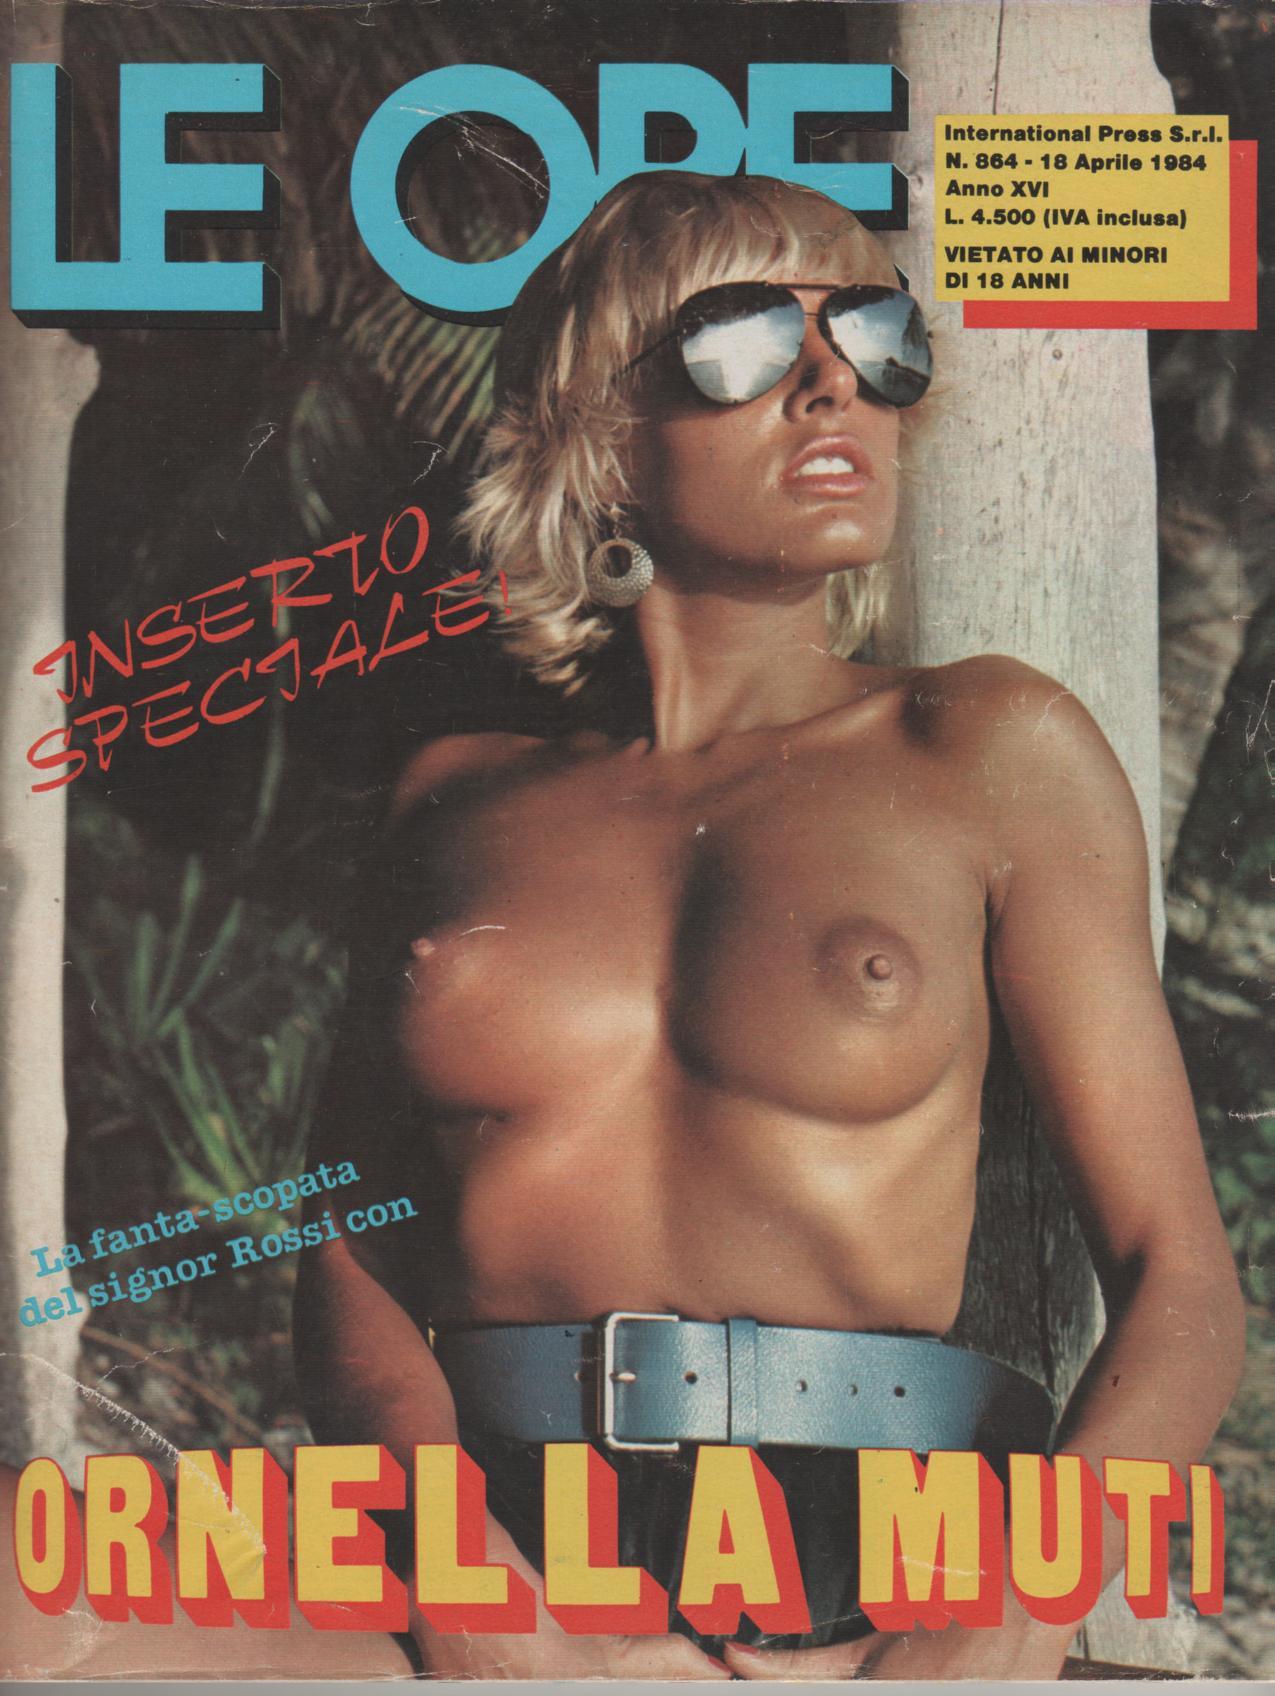 LE ORE  # 864 / 1984  fantascopata con ORNELLA MUTI